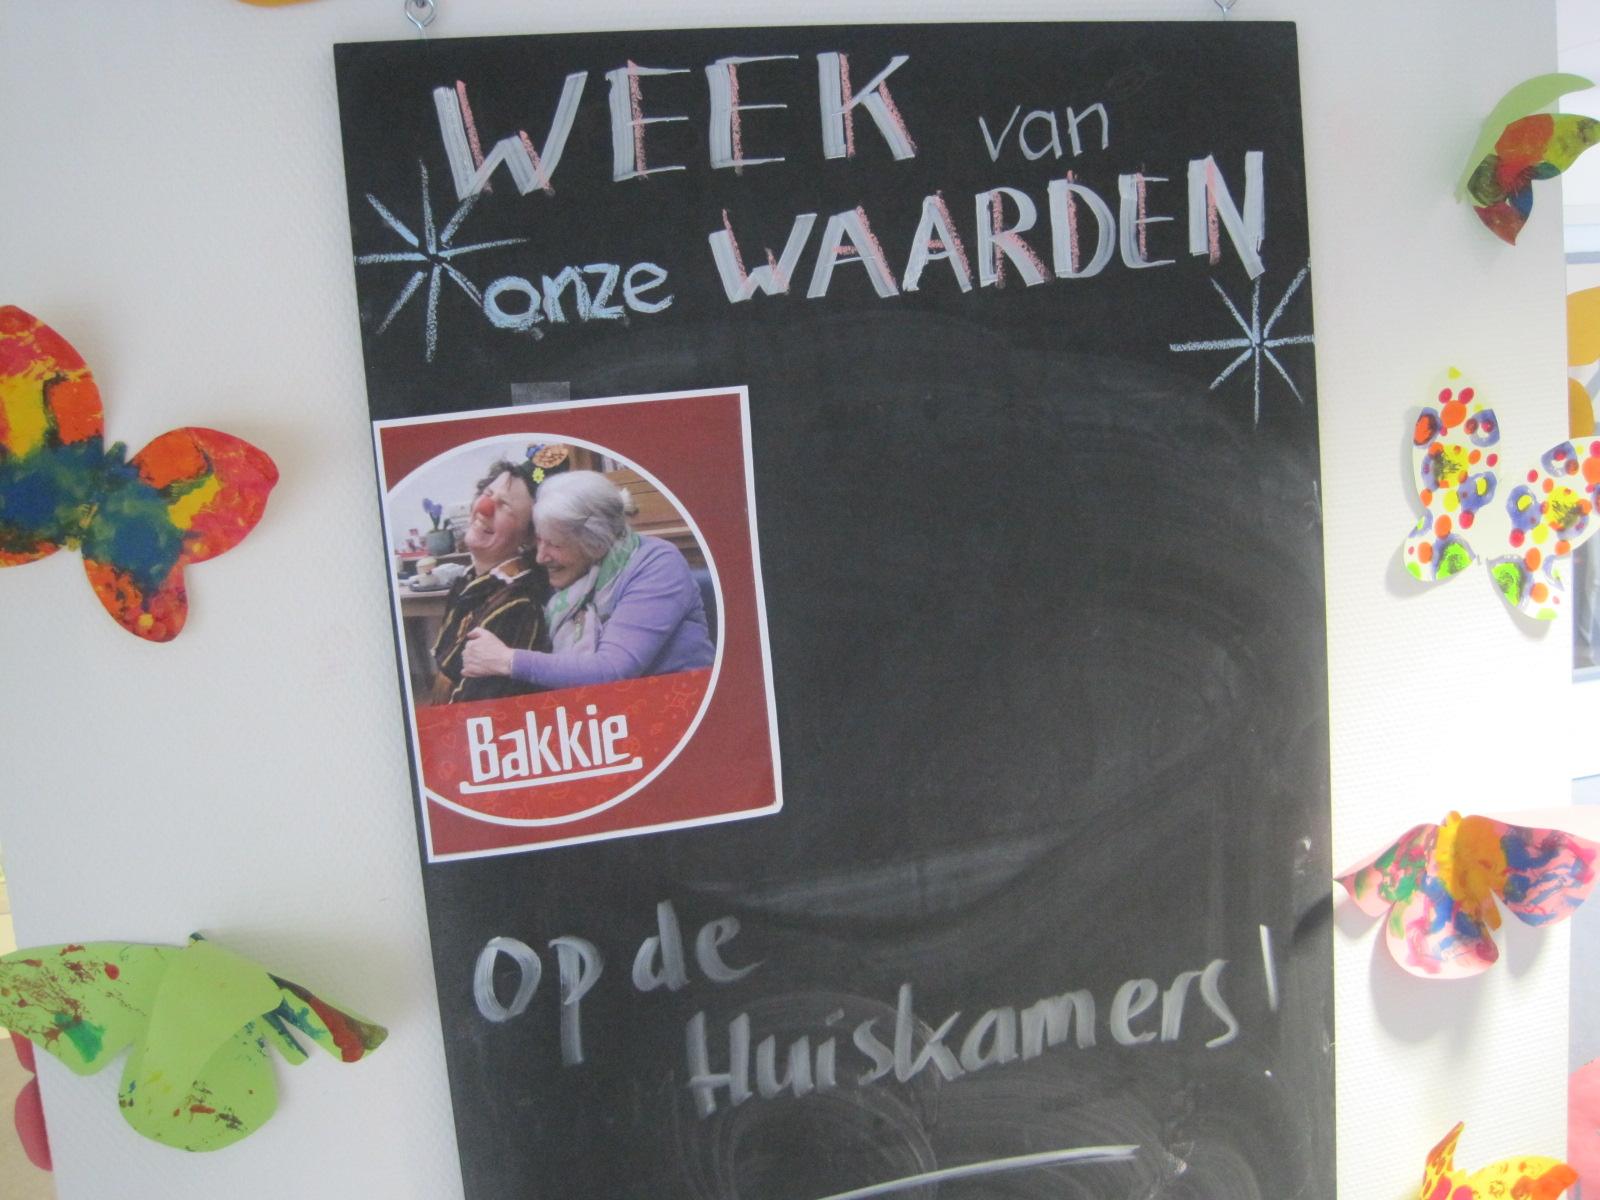 Krijtbord met aankondiging miMakker Bakkie www.neusvoorcontact.nl